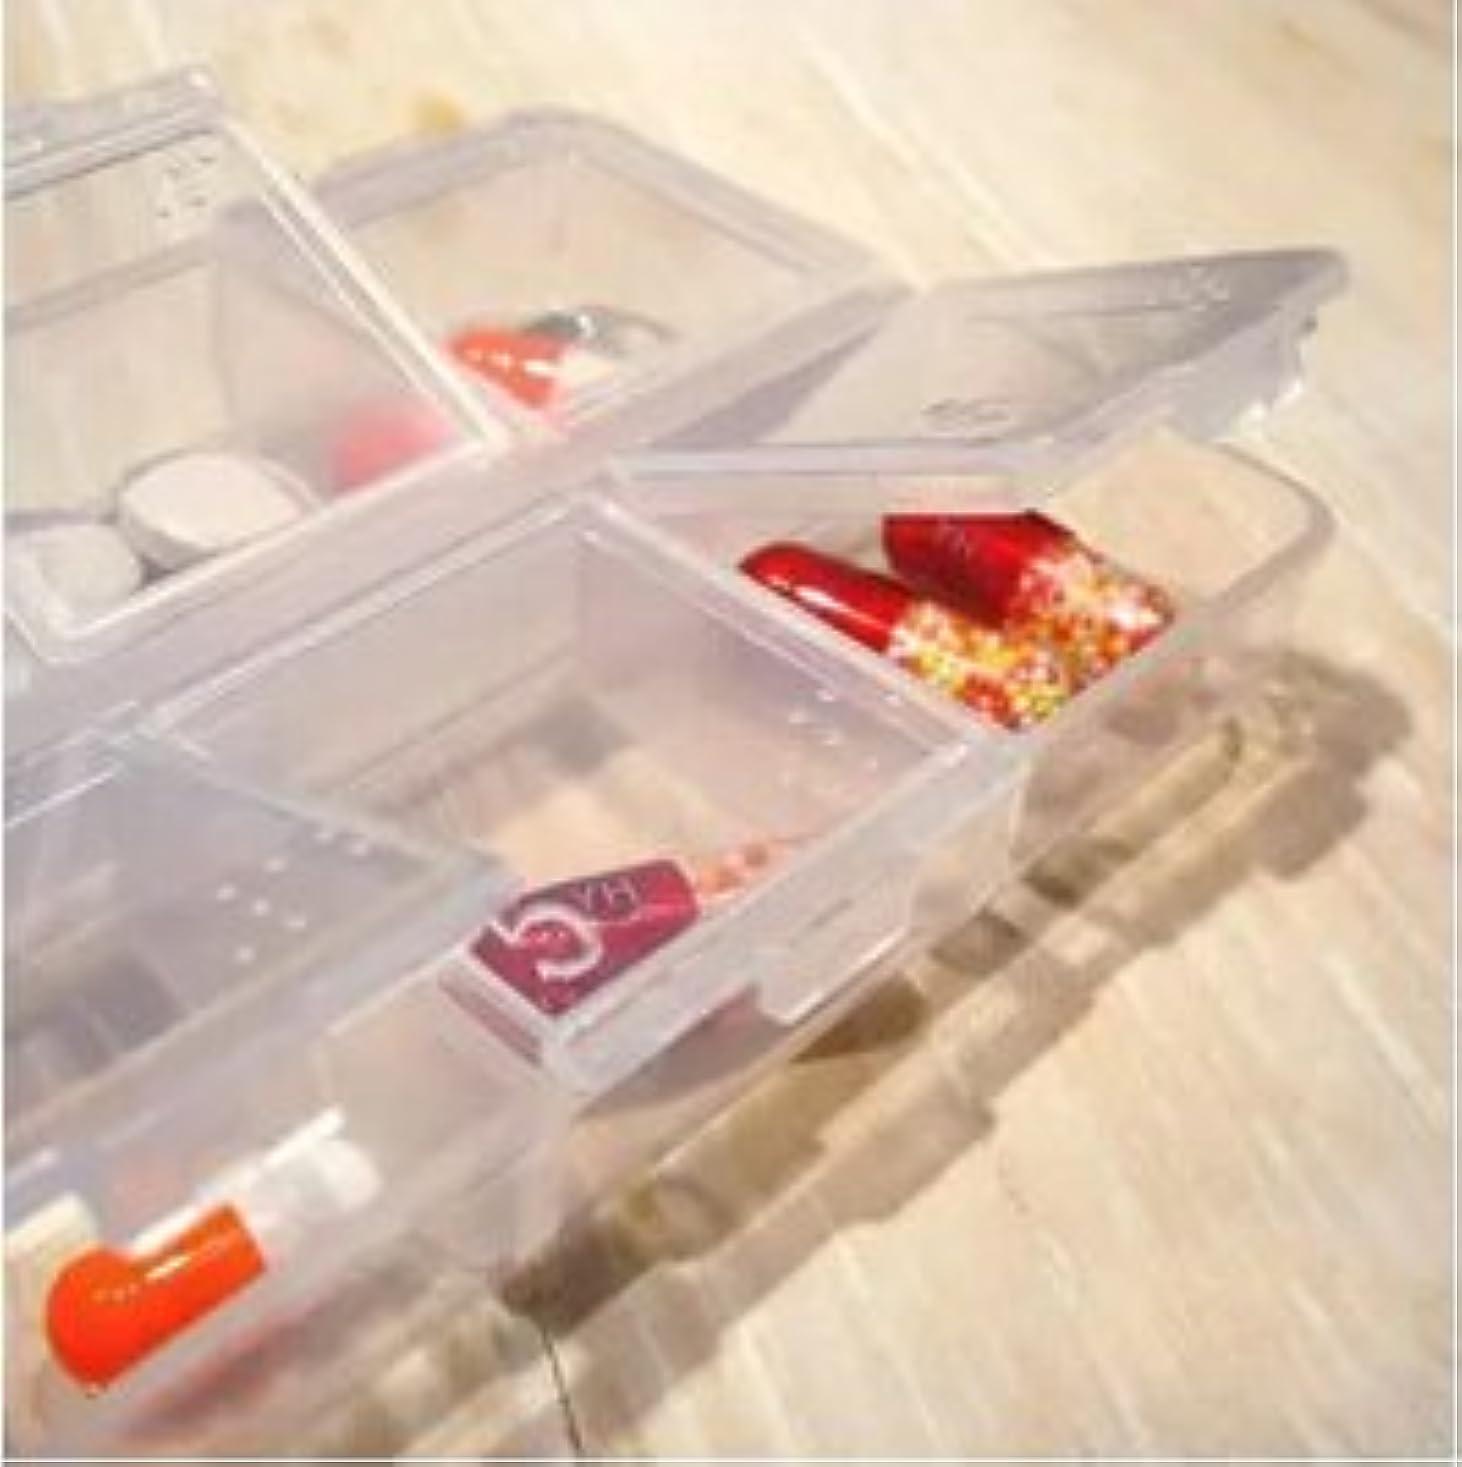 ファンブル皮進化するLorny (TM) 【送料無料】6スロット透明なプラスチックピルボックス医学オーガナイザー多機能ピルケースポータブルストレージボックス [並行輸入品]